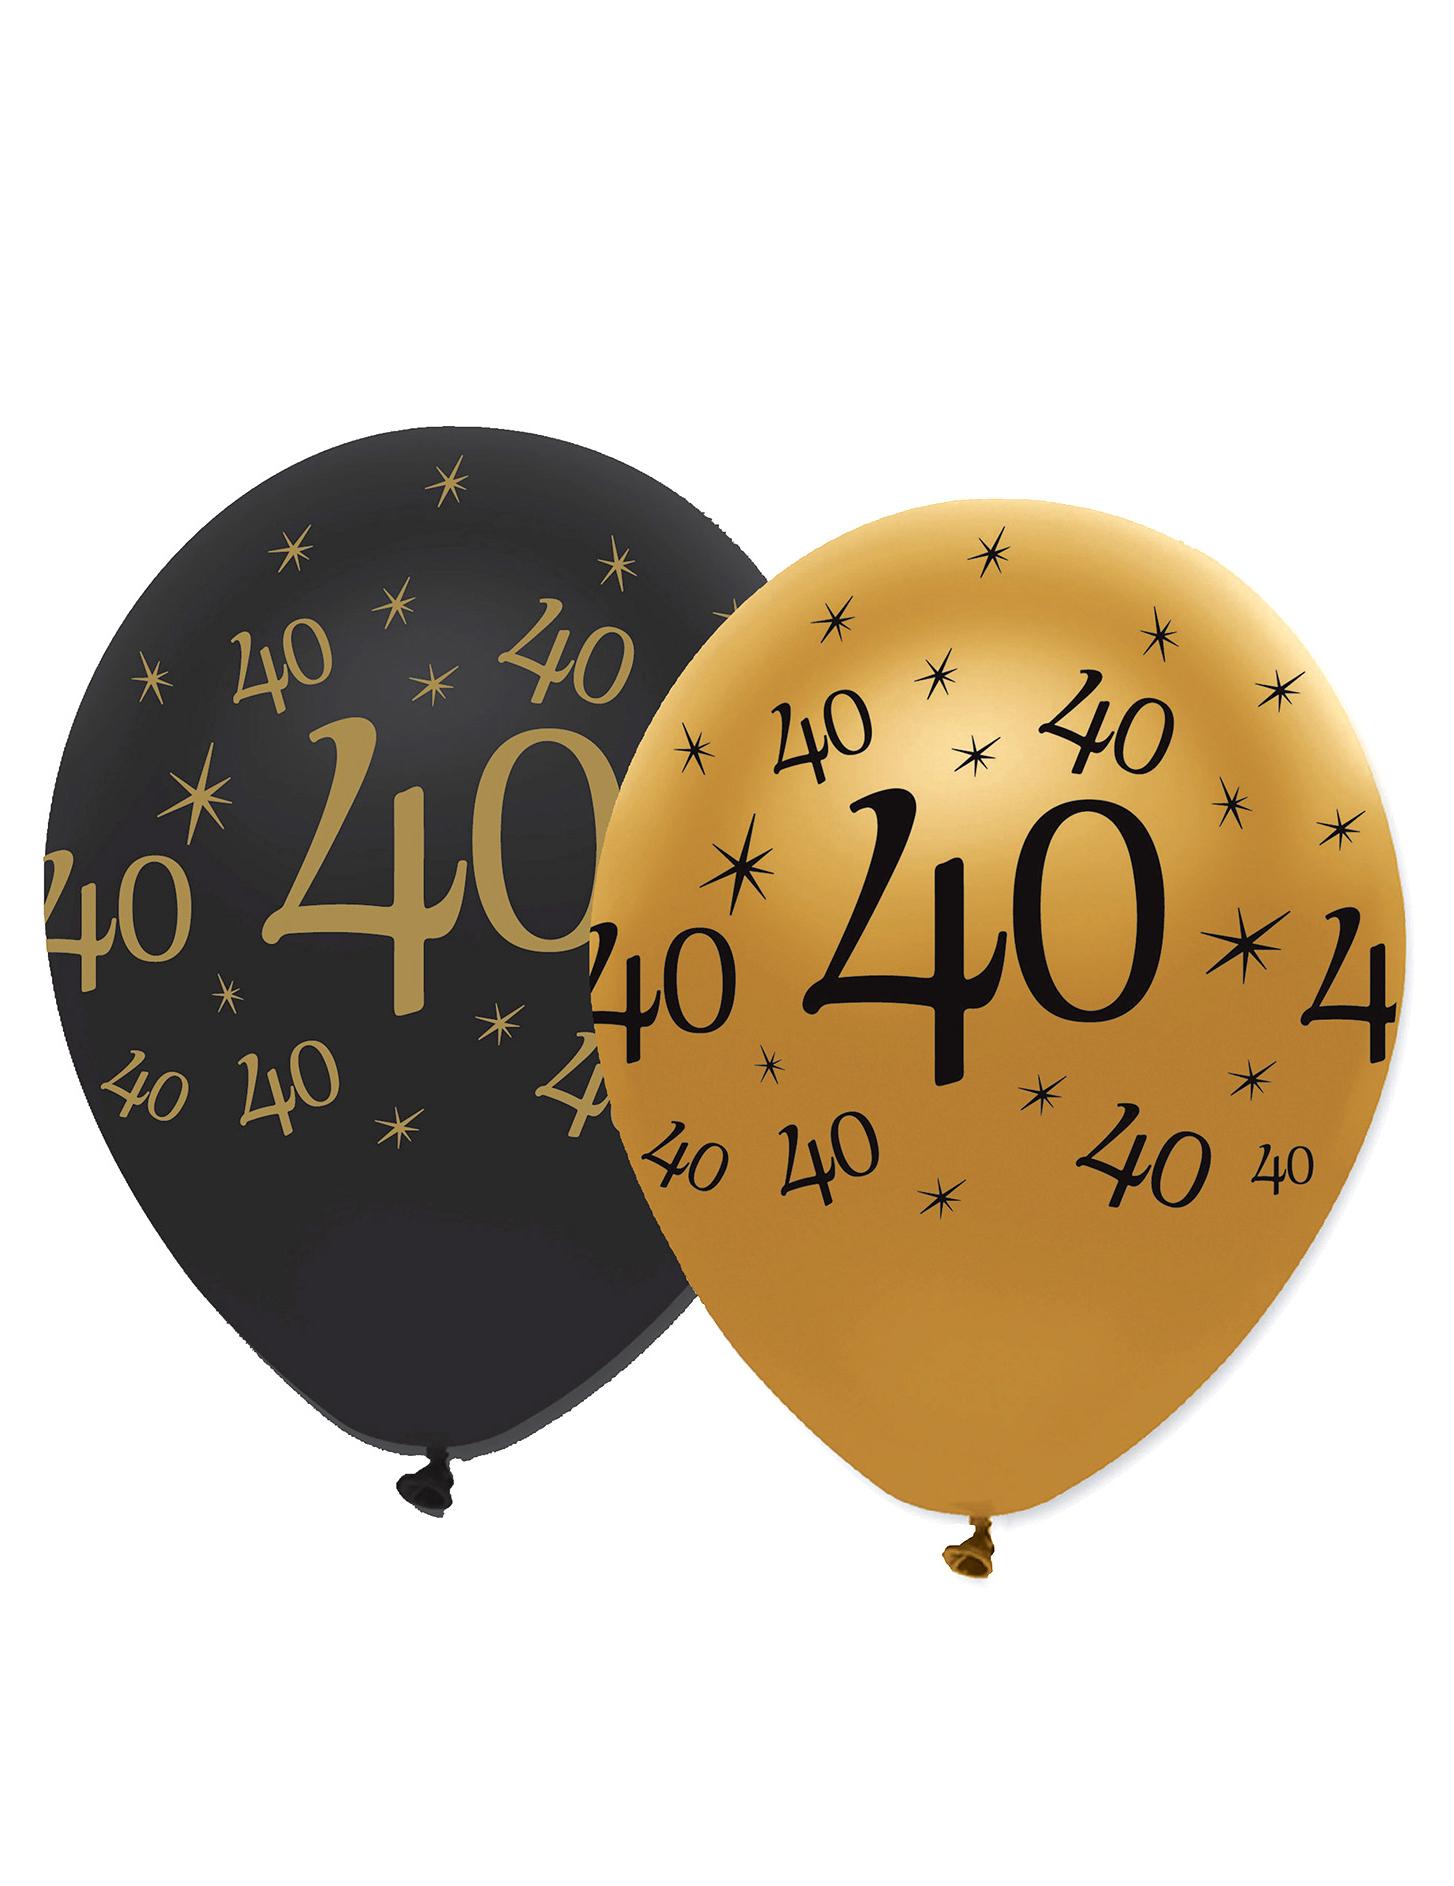 6 Luftballons 40 Geburtstag Gold Schwarz Partydeko Und Gunstige